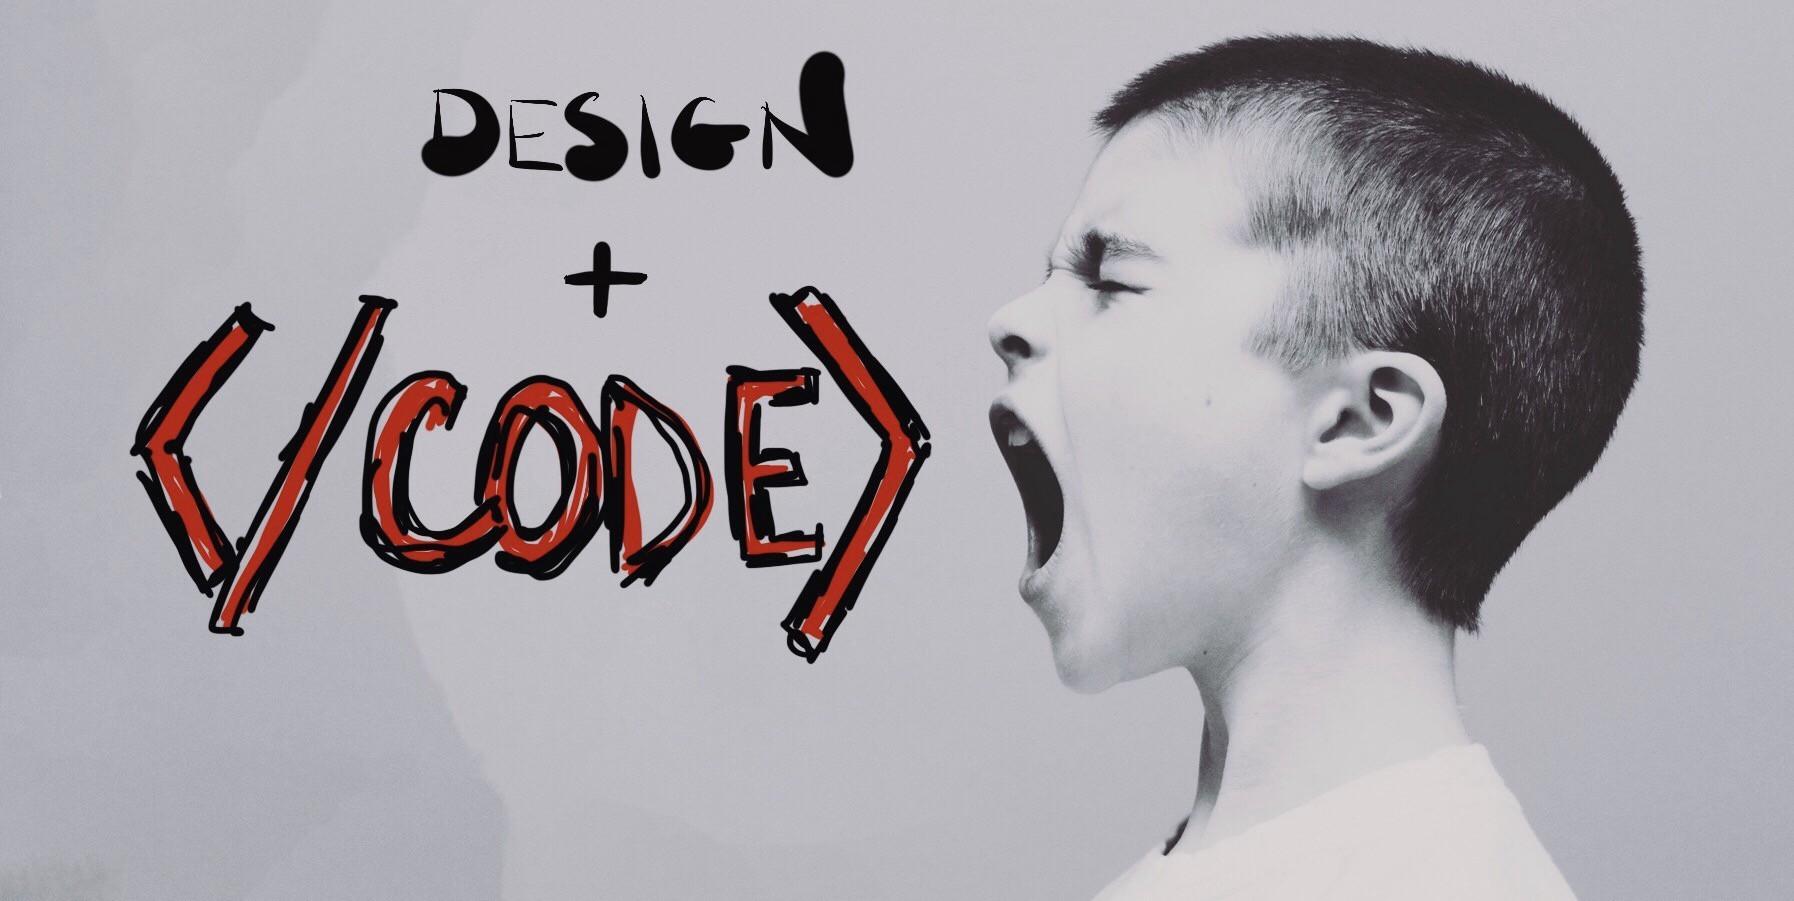 Как нелюбовь к коду помогла мне «прокачать» навыки дизайнера